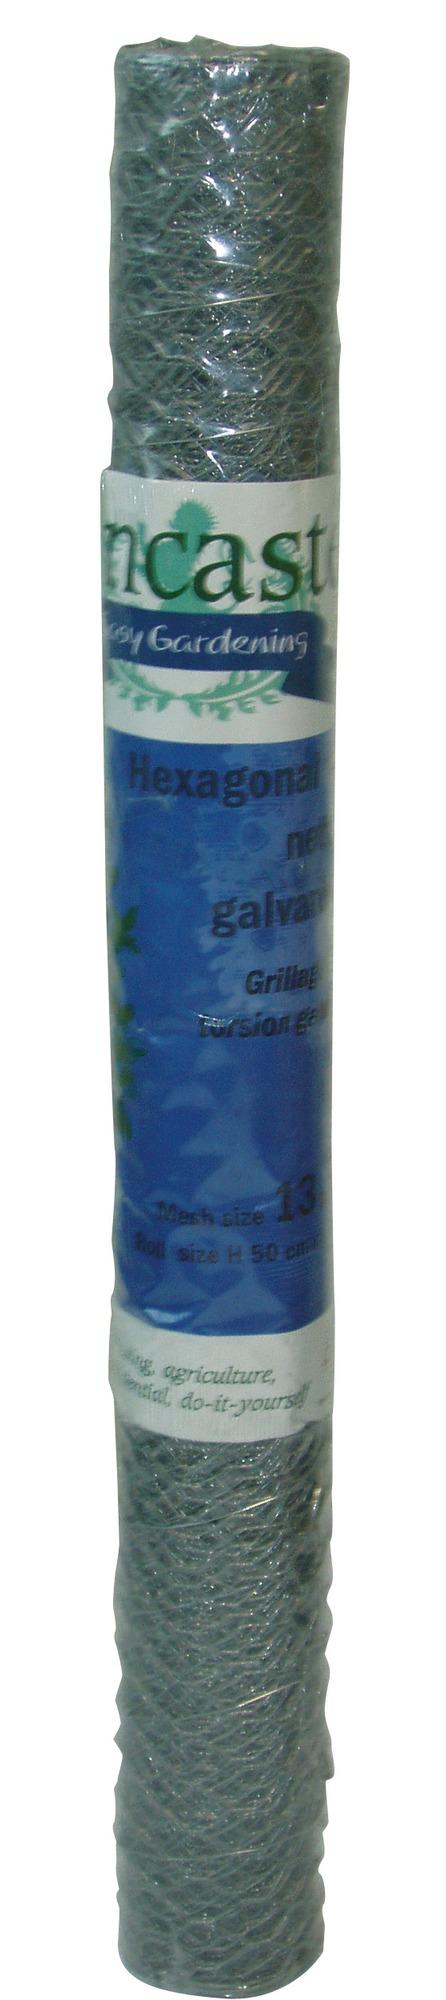 Grillage triple torsion galvanisé Cavatorta - Longueur 2,5 m - Hauteur 0,5 m - Maille 25 mm